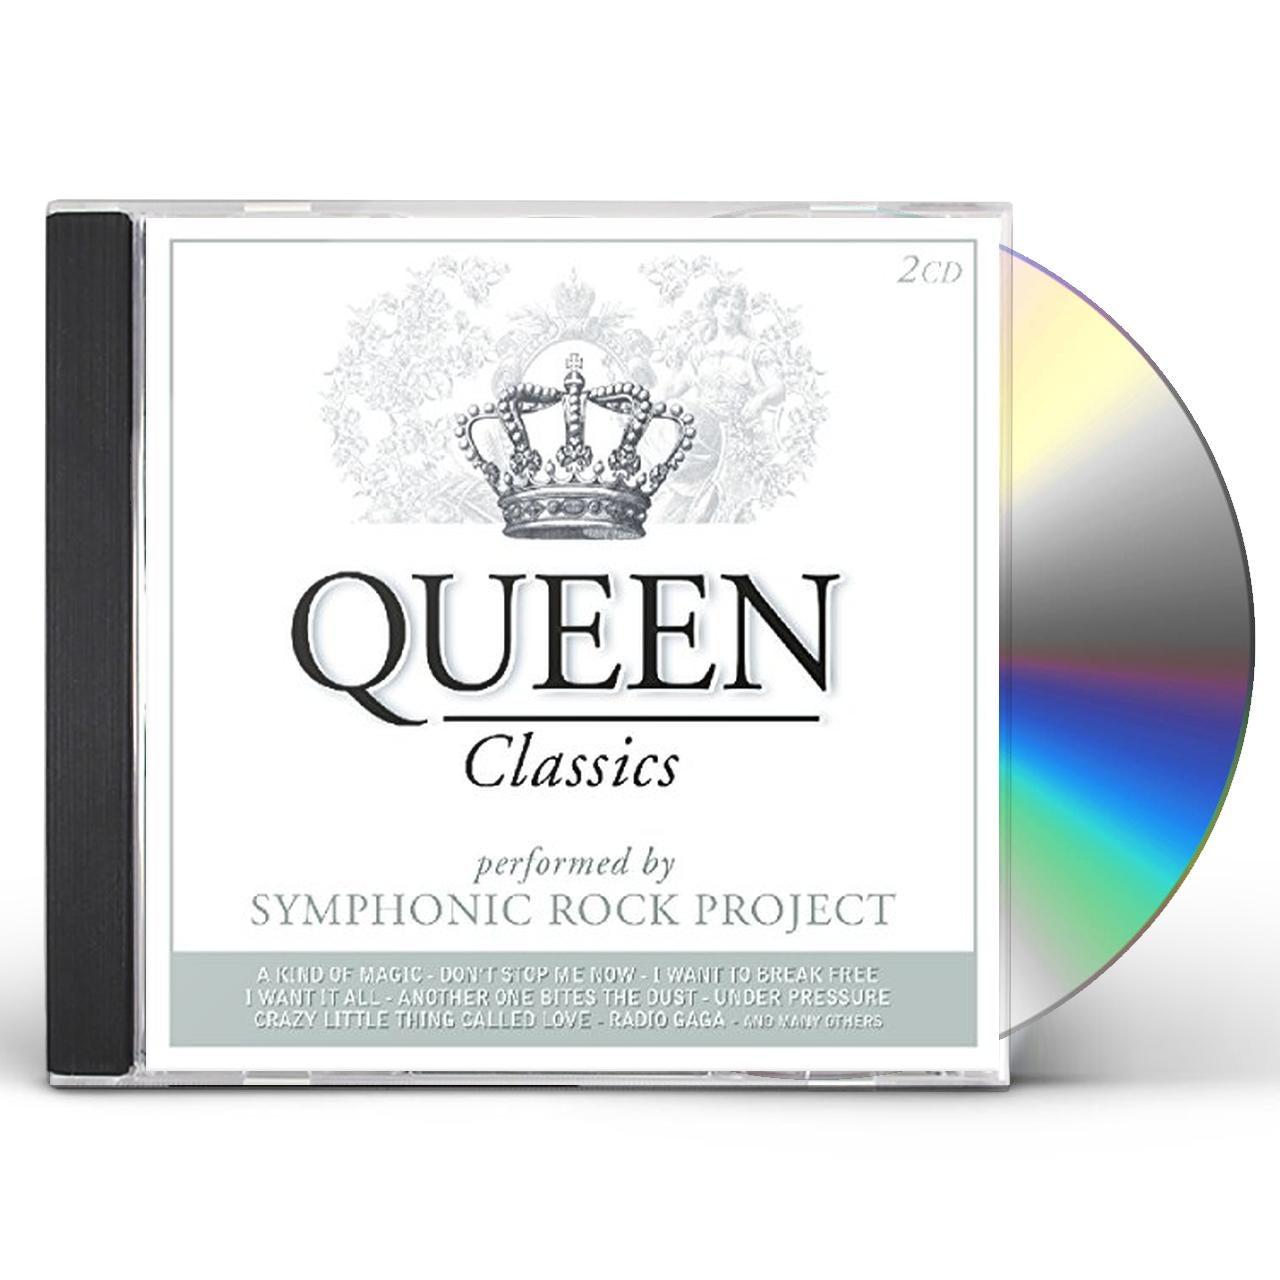 Queen - CD Symphonic Rock Project: Queen Classics